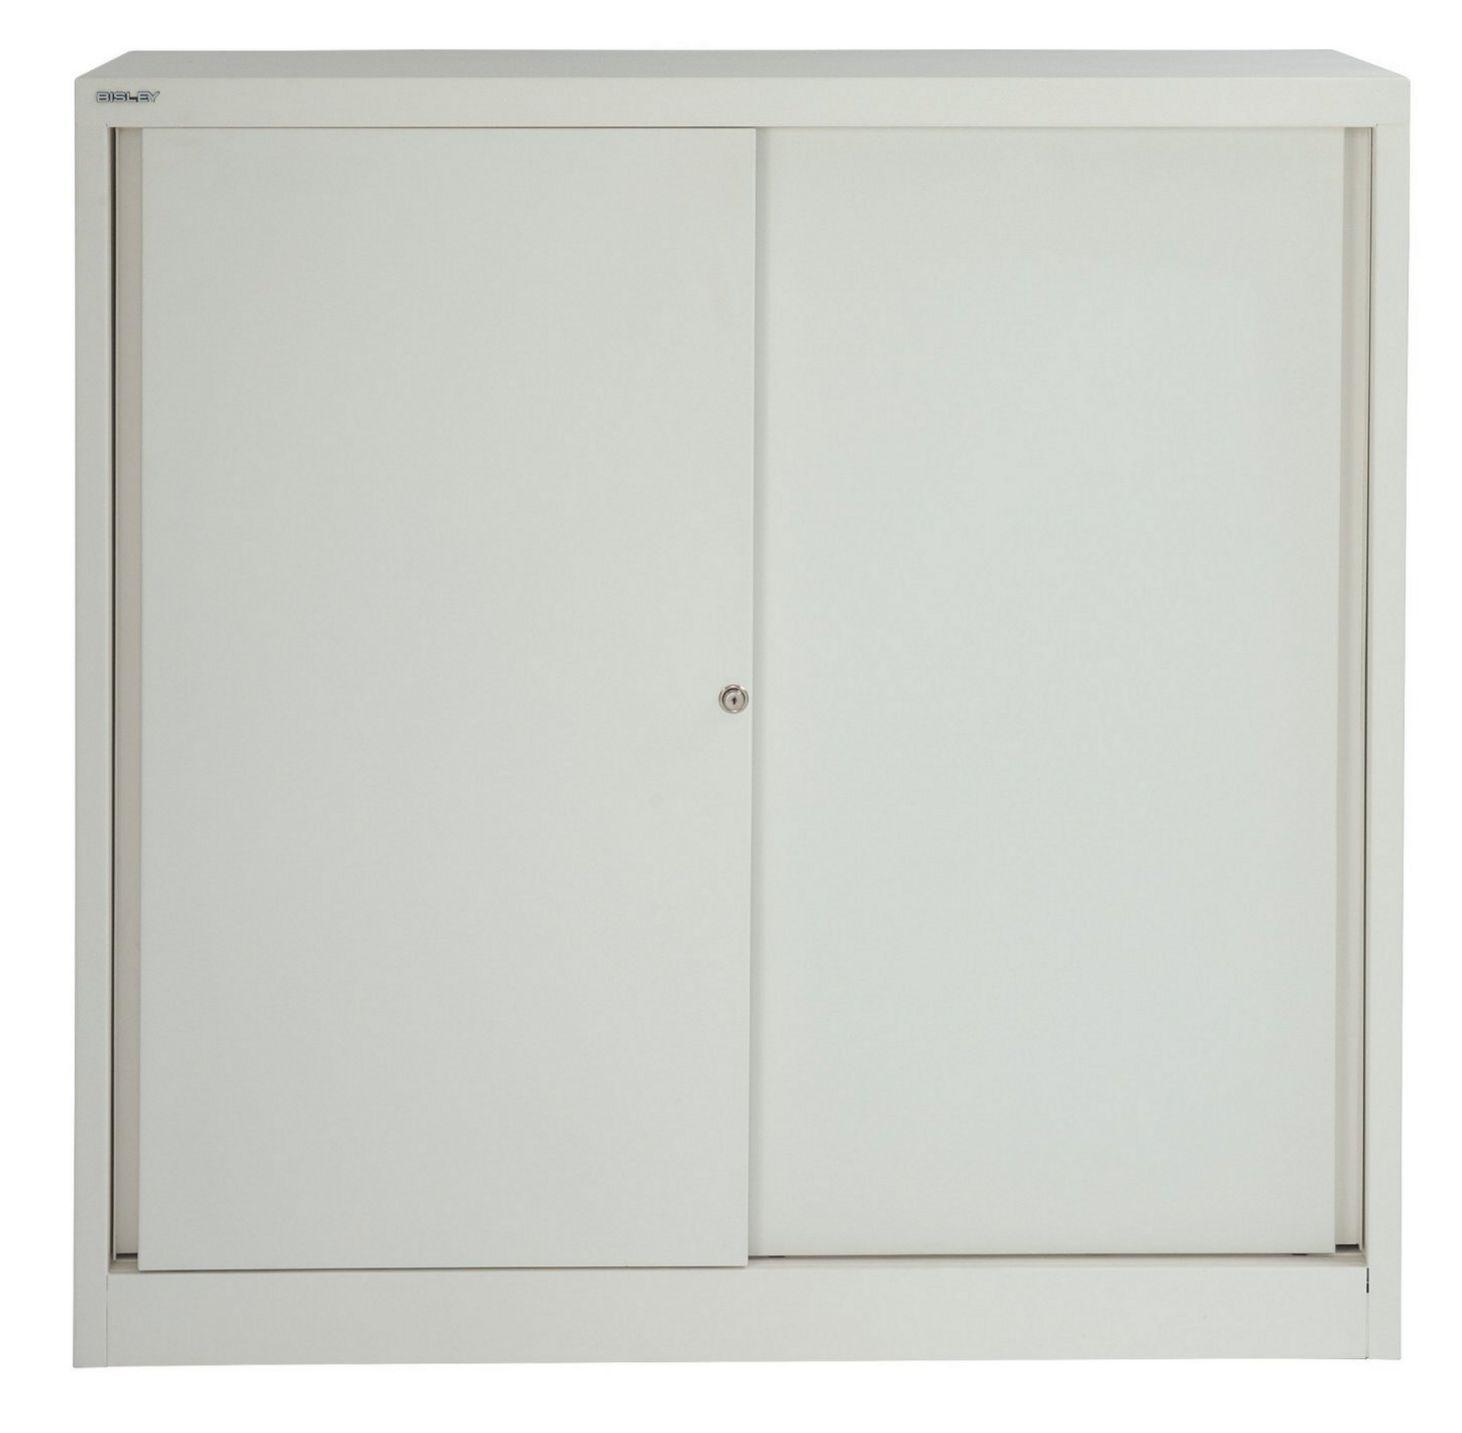 weiß lackierter Schiebetüren-Büroschrank aus Stahl